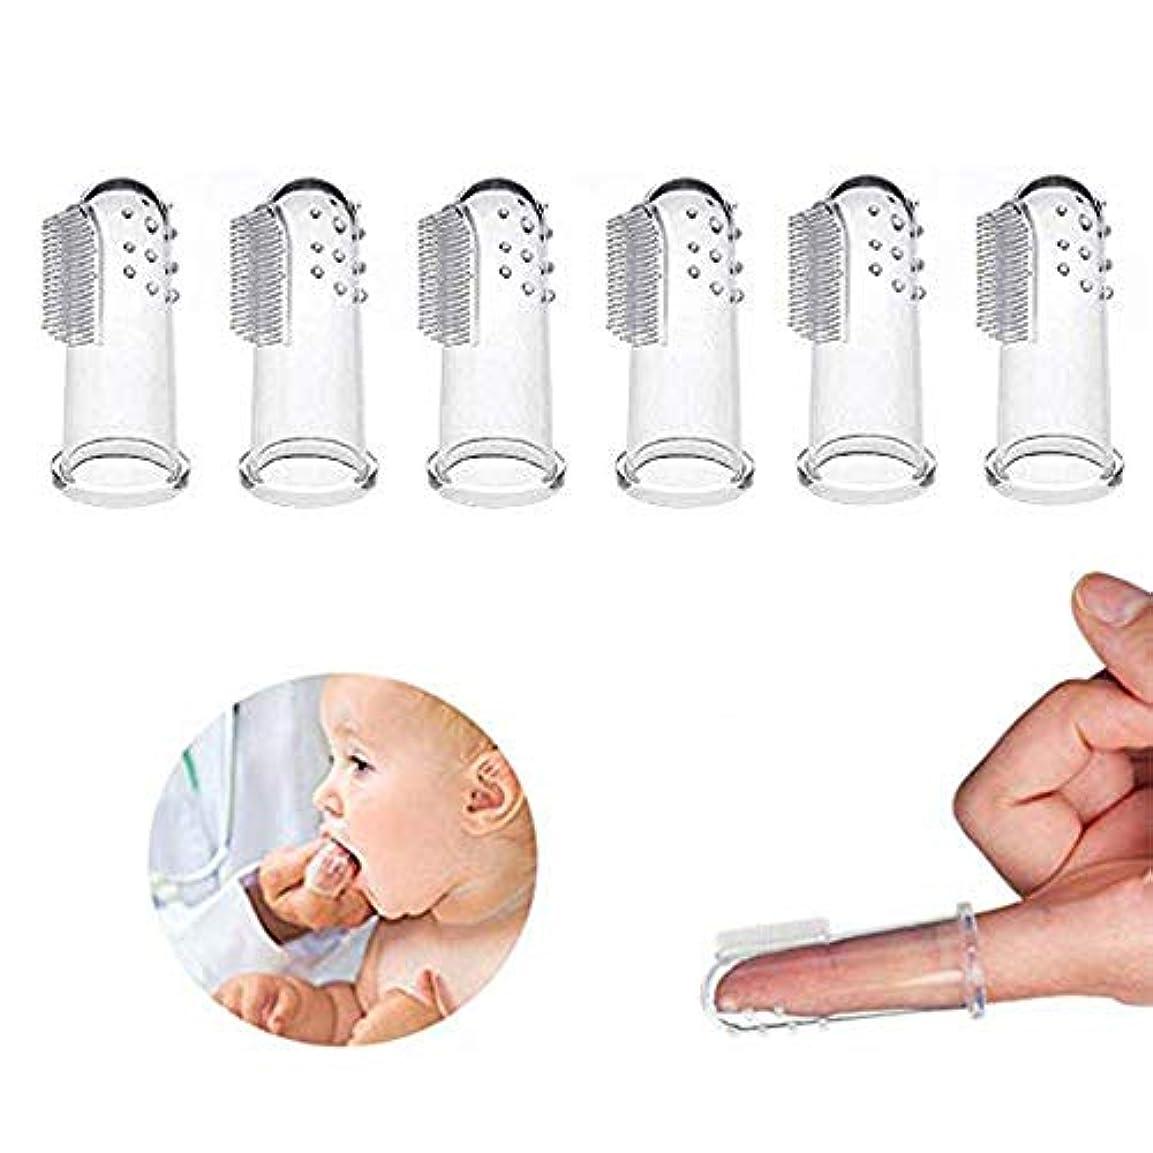 シーケンス塊ストライド幼児歯ブラシ ベビー指歯ブラシ 指歯ブラシ 乳歯清潔 口腔ケア ケース付き ベビーフィンガーブラ 乳児幼児子供用シリコーンソフトオーラルマッサージャージェントルケア 6本セット (ホワイト)